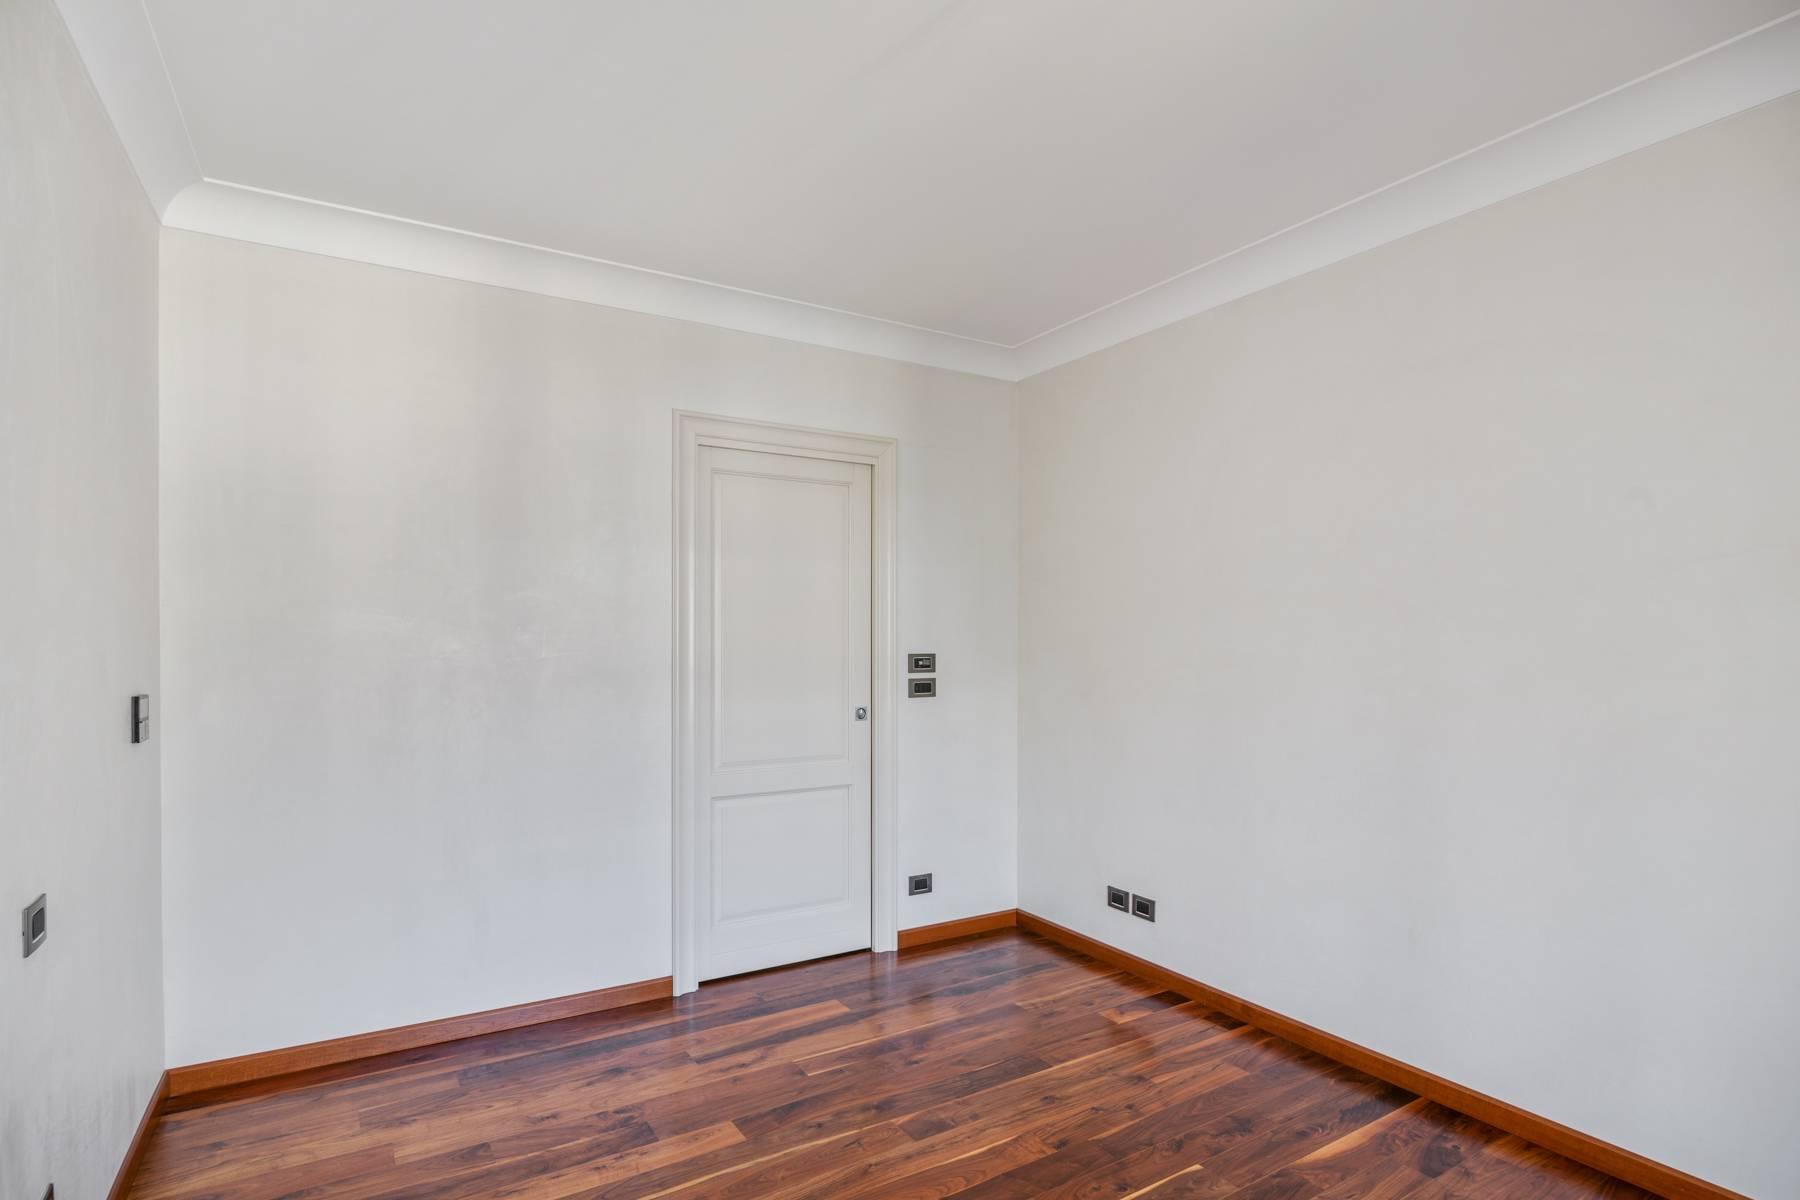 Appartamento in Vendita a Torino: 3 locali, 89 mq - Foto 4